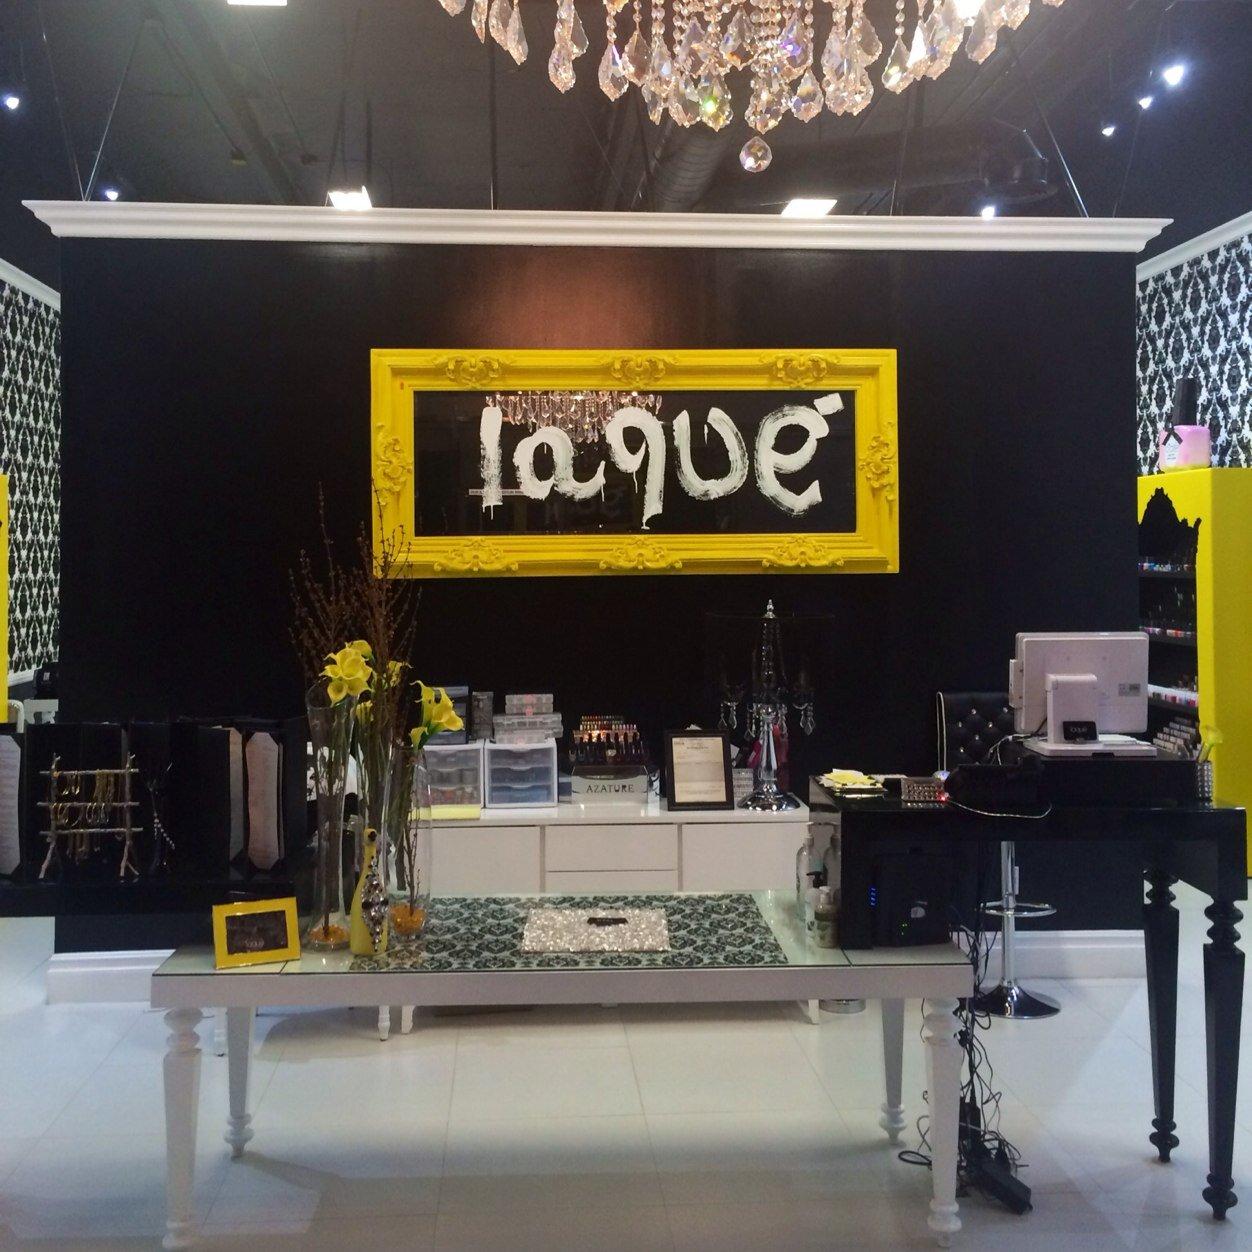 Laquer Nail Bar: Laque Nail Bar (@officiallaque)